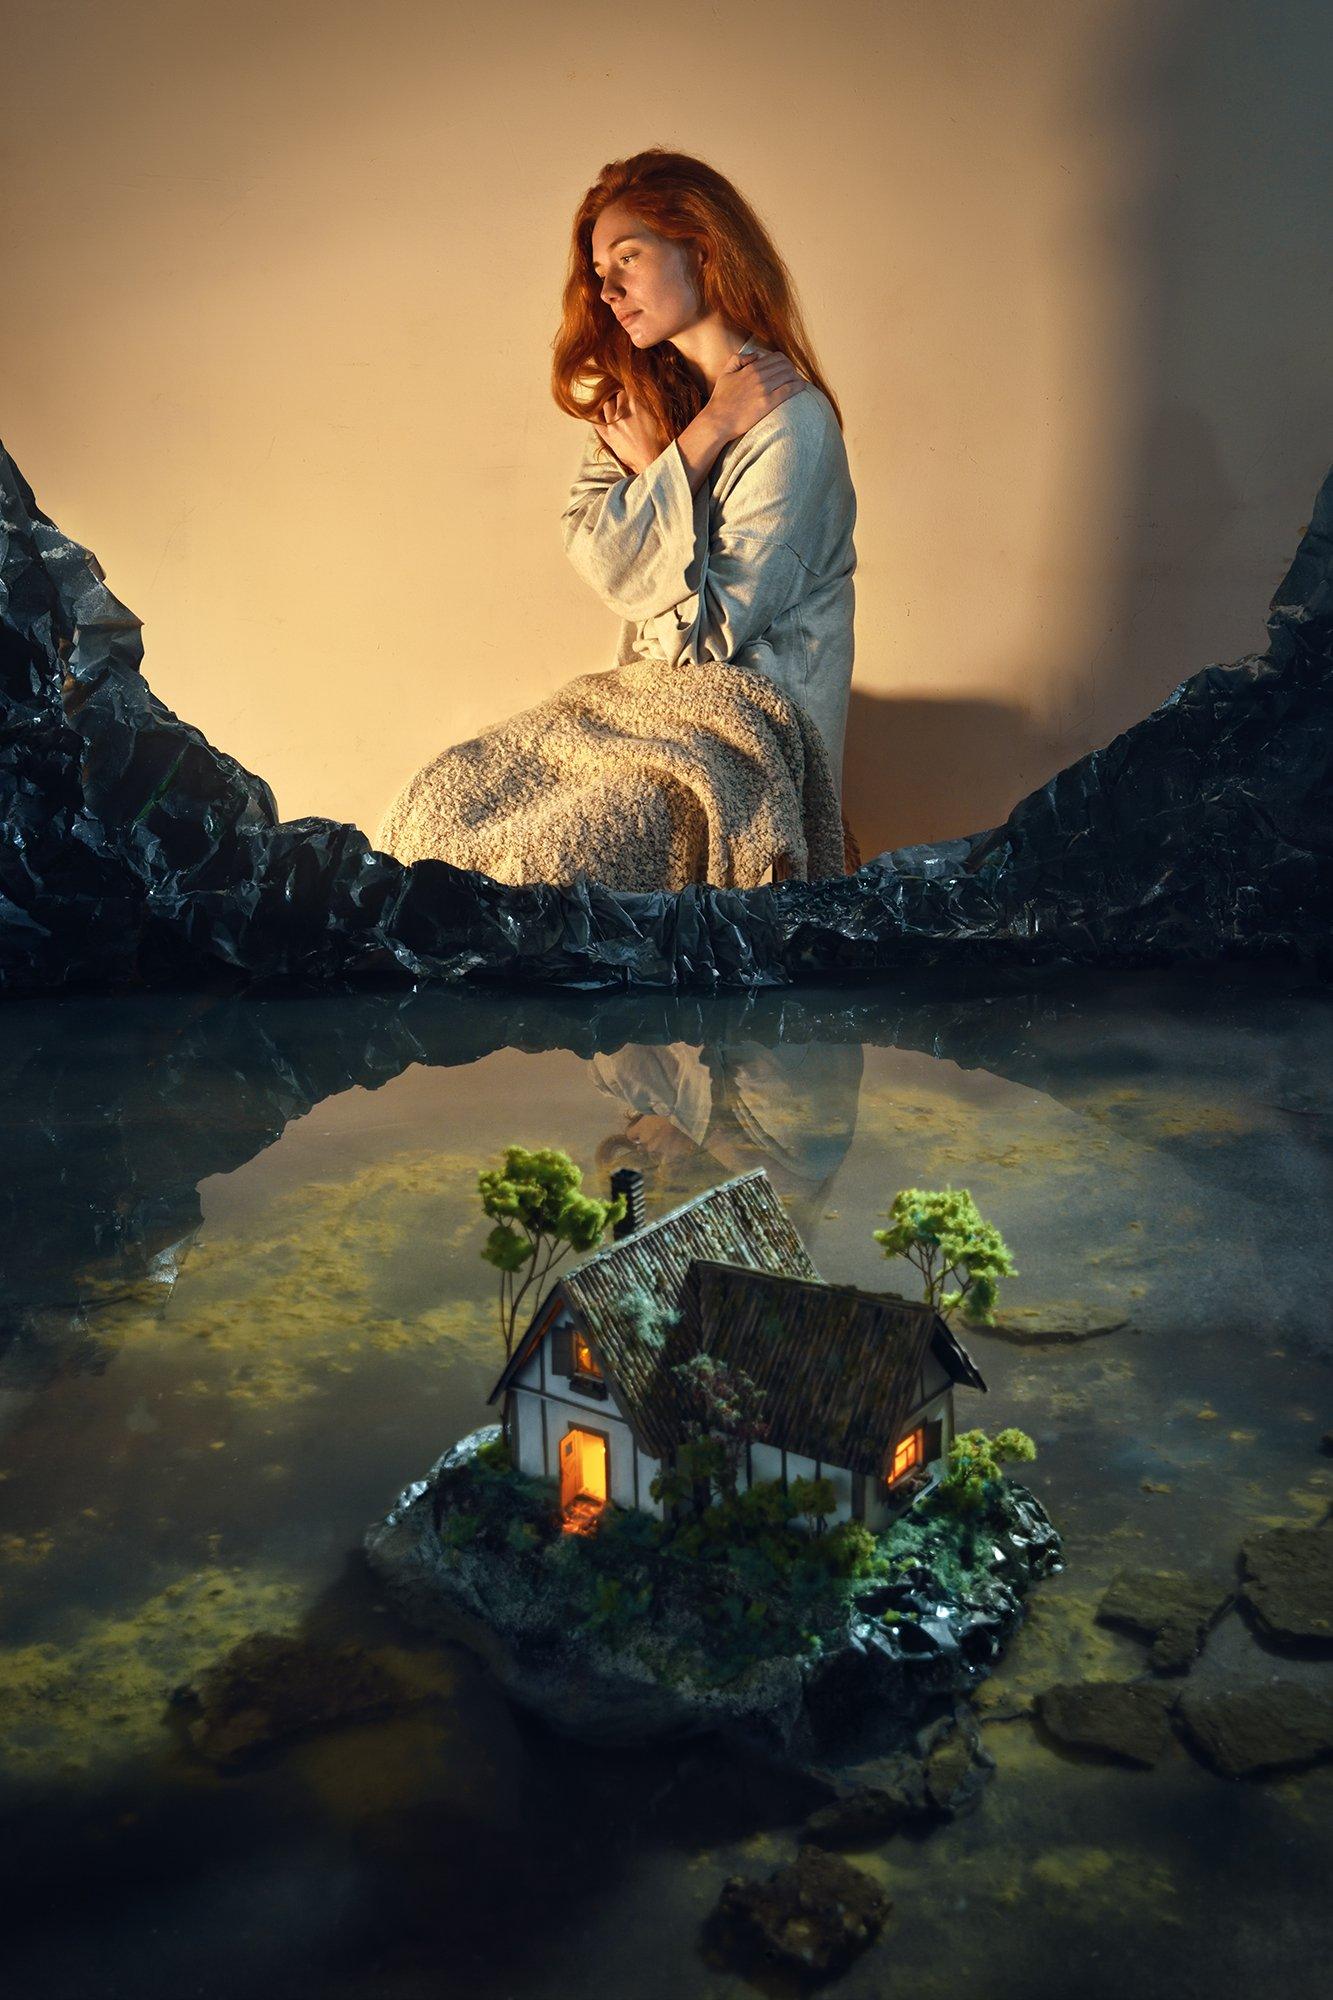 фотография,постановочная,дом,пейзаж,диорама,девушка,рыжая,смысл,мечты,надежда,свет,уют,тепло,парышков,d810, Парышков Сергей